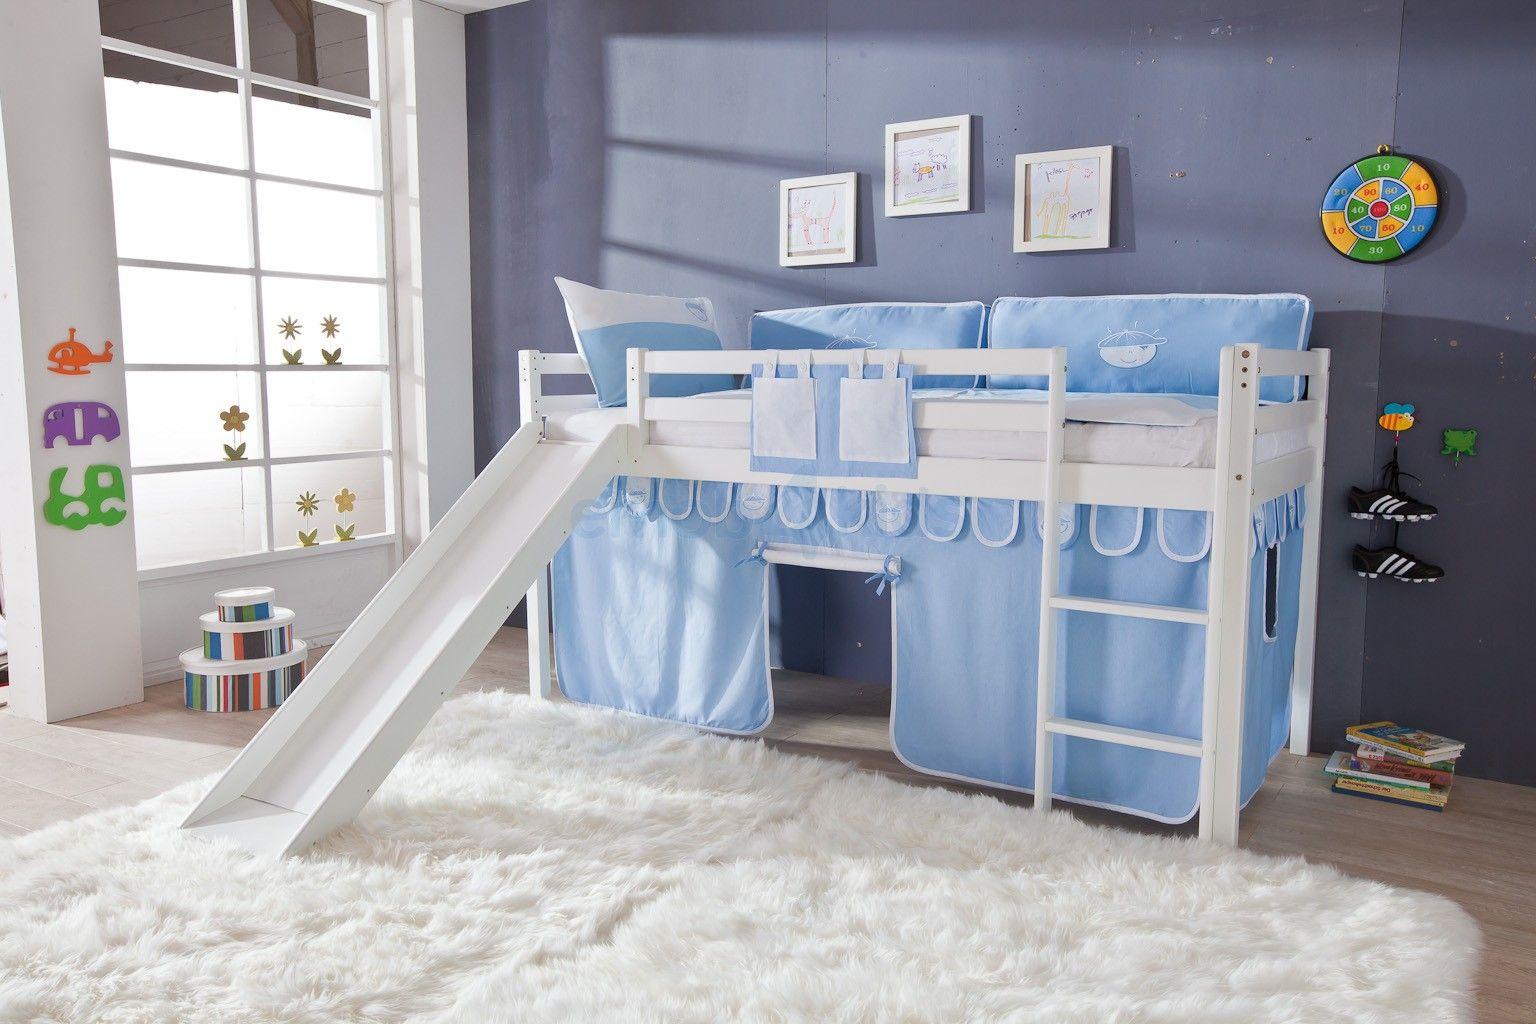 halfhoogslaper met glijbaan toby blauw jongen lit mi hauteur avec toboggan bleu gar on. Black Bedroom Furniture Sets. Home Design Ideas